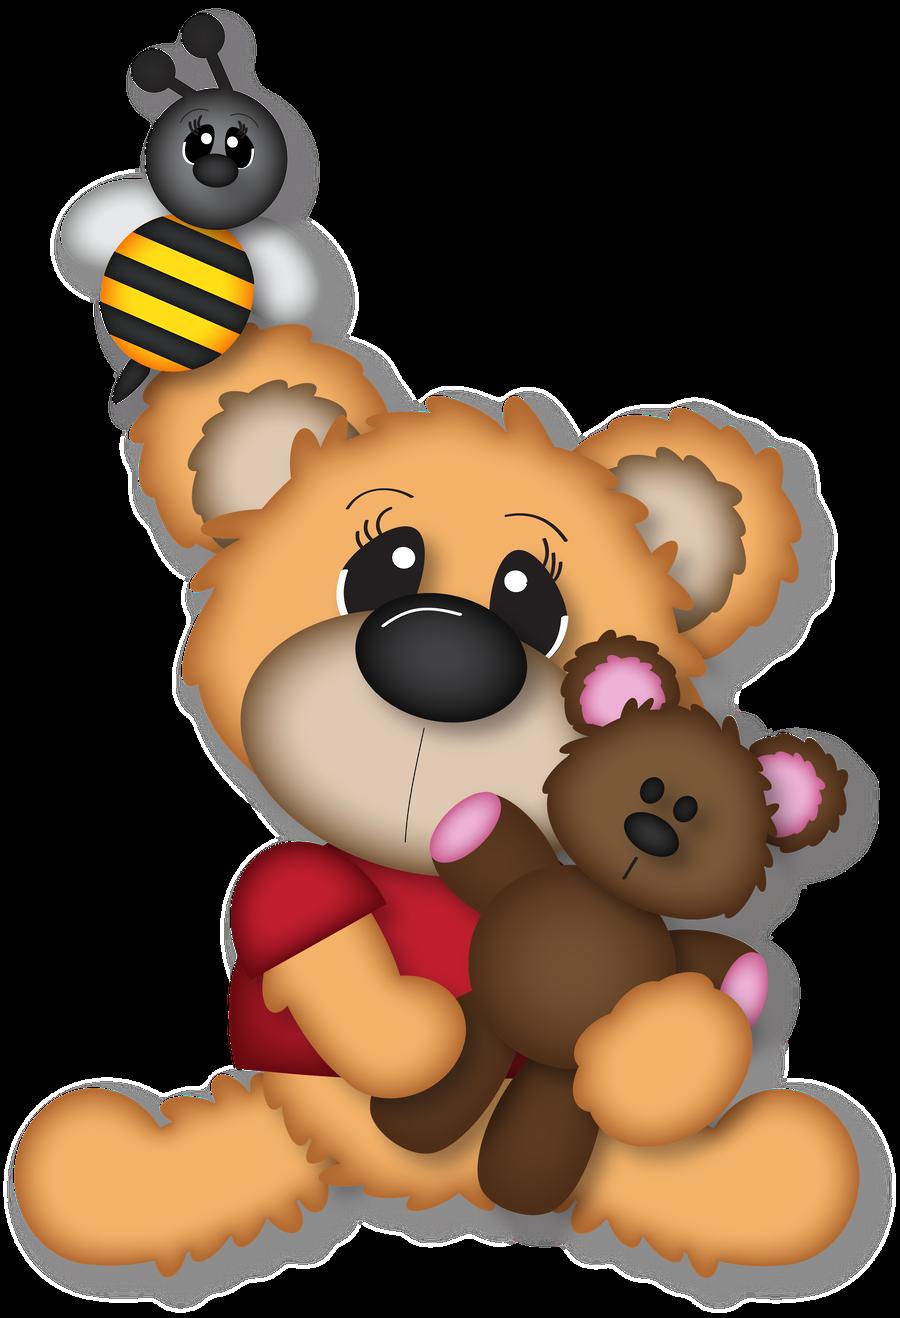 Cartoon Clip Art Bear Illustration Bear Images